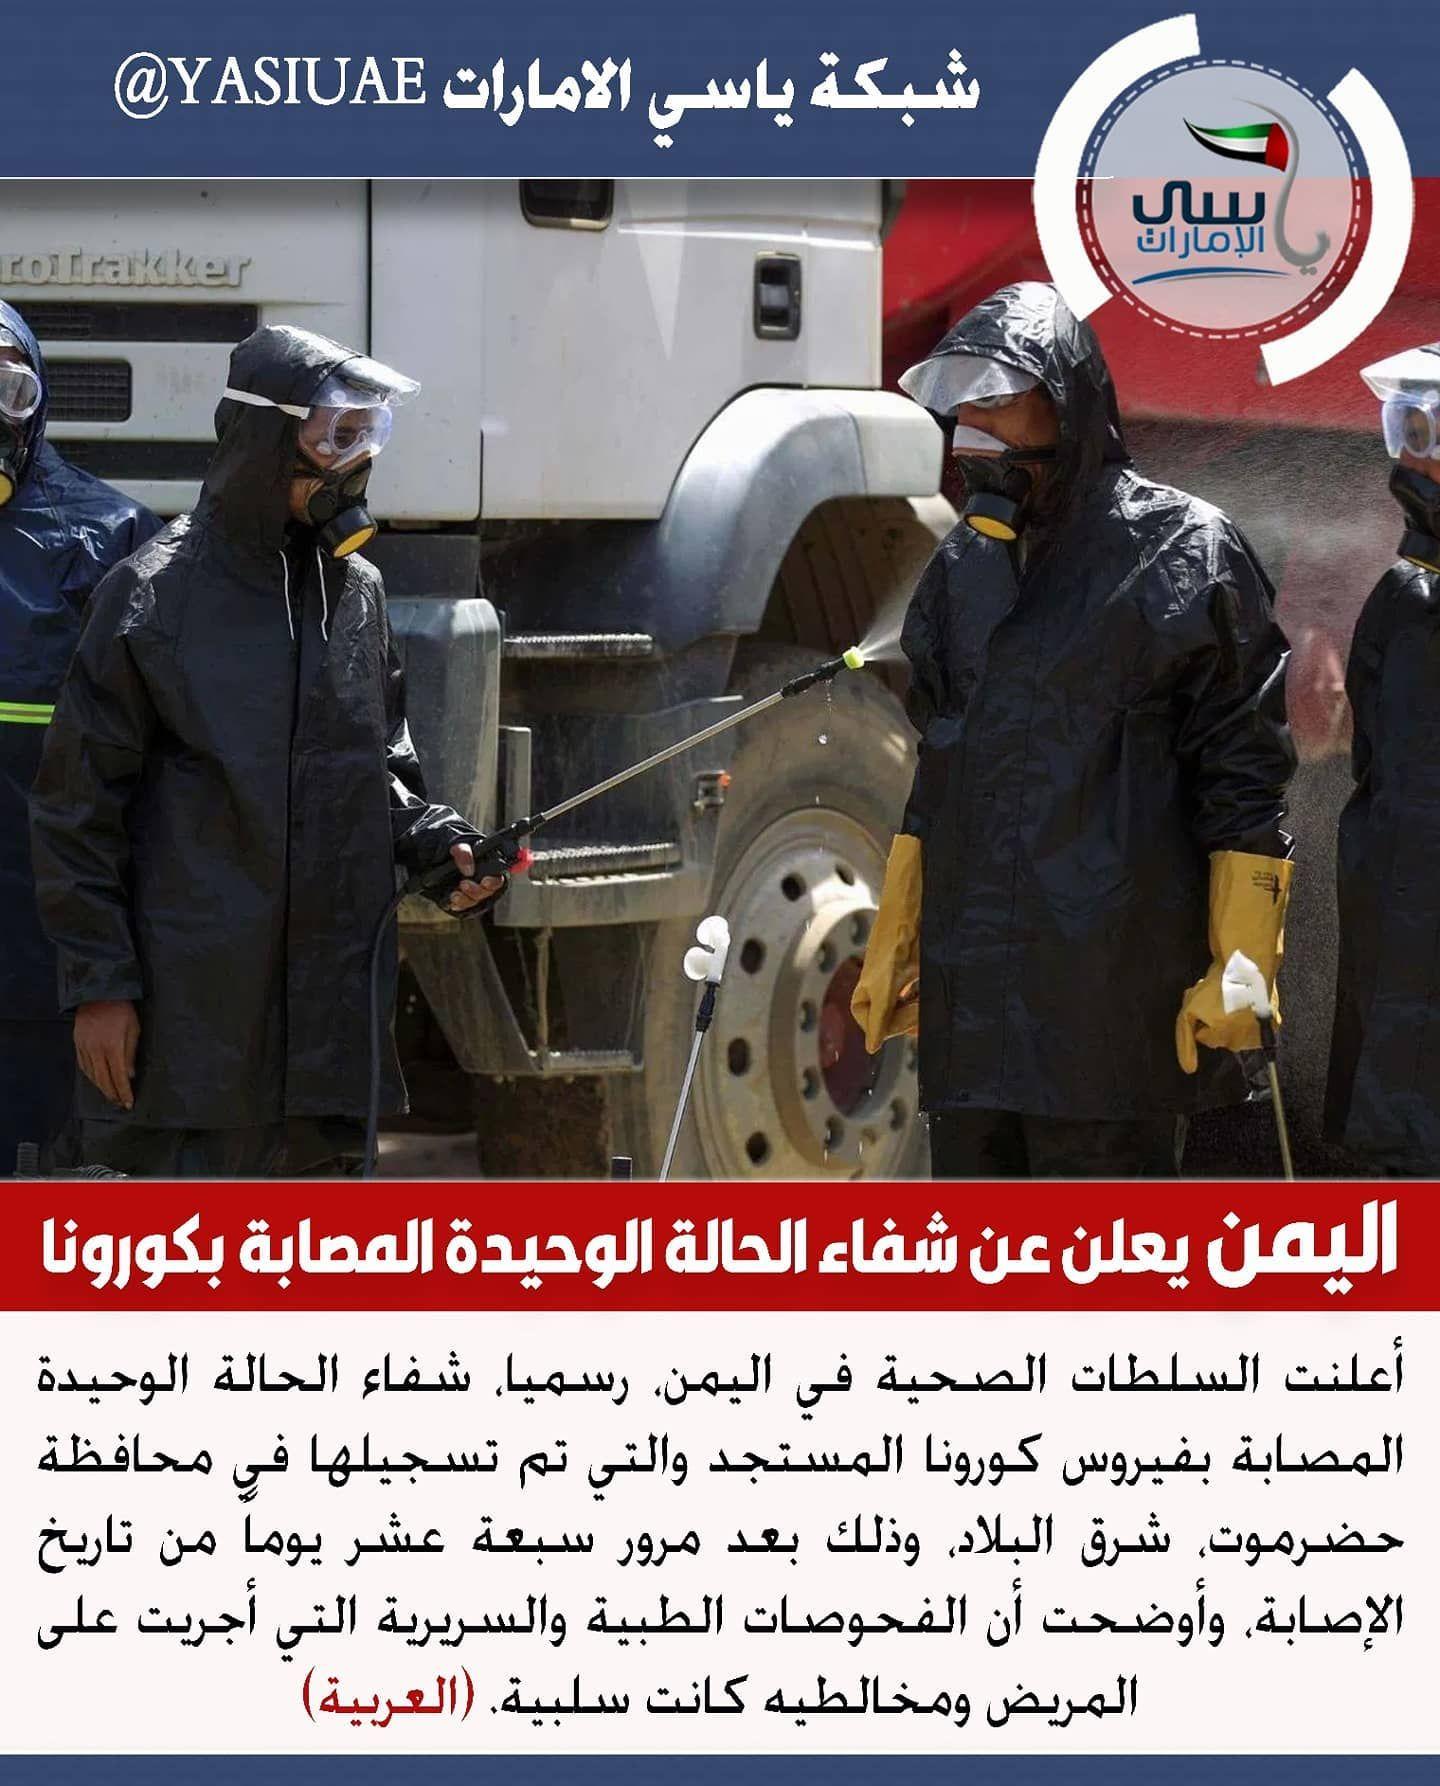 اليمن يعلن عن شفاء الحالة الوحيدة المصابة بكورونا كورونا المستجد كورونا حضرموت فيروس كورونا اخبار أخبار اخبار العالم شبكة أبوظبي In 2020 Hard Hat Hats